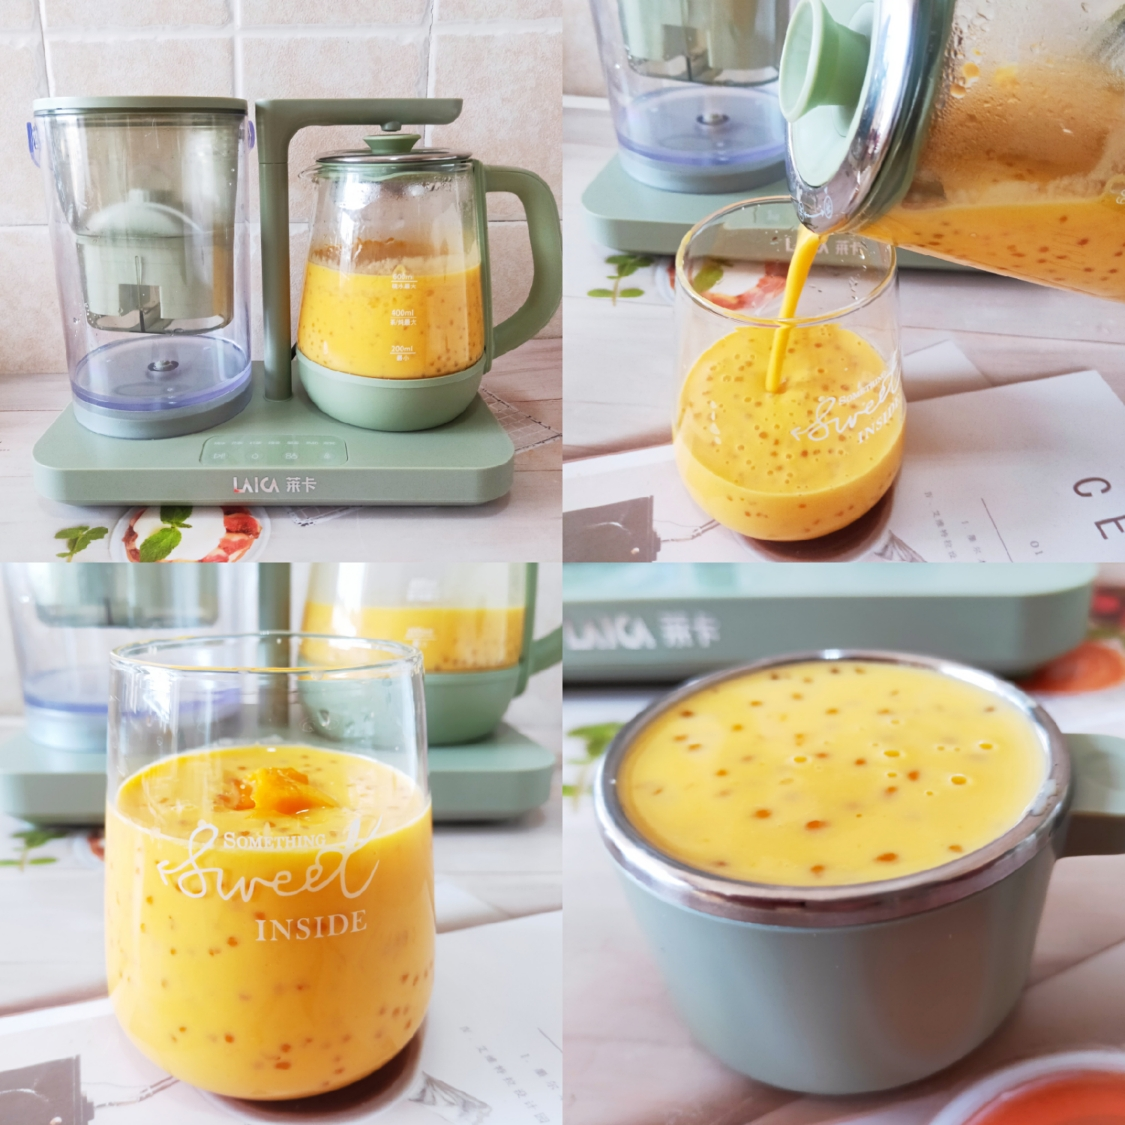 倒入杯里放冰箱冷藏2小时即可食用。